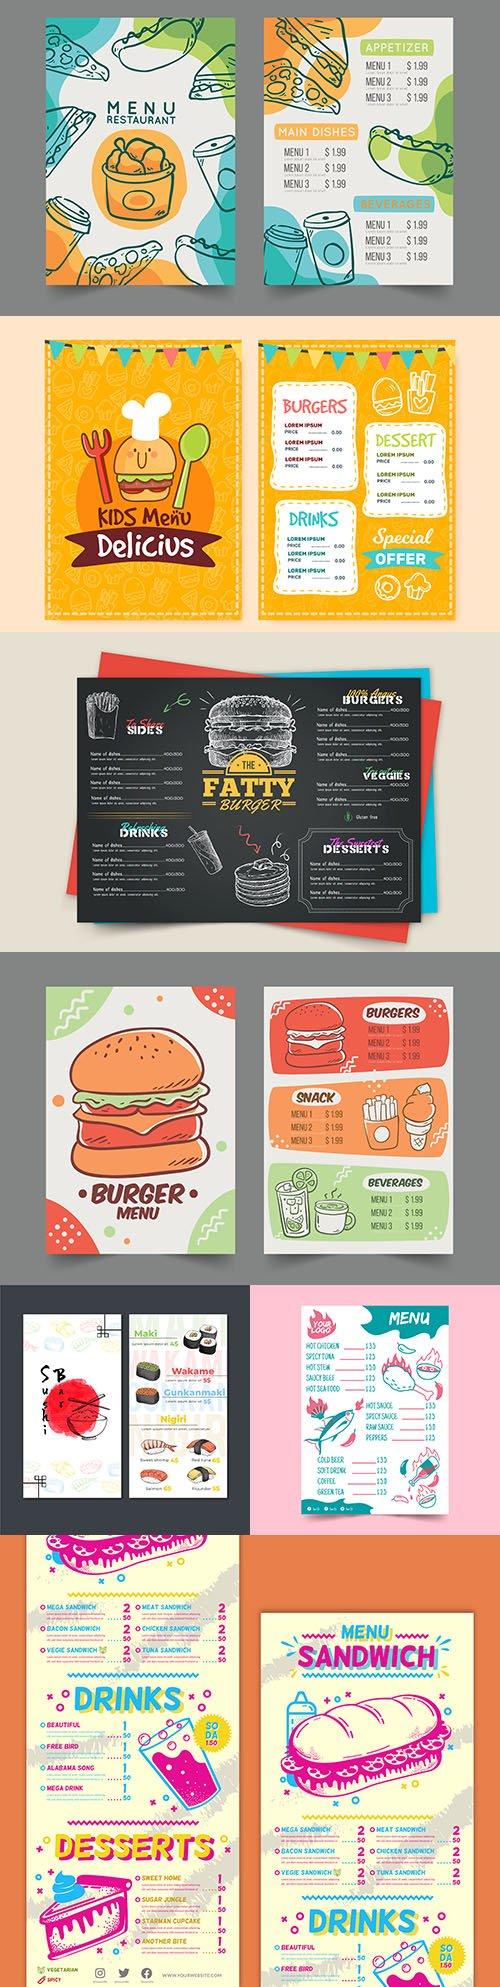 Fast food and children's menu cafe design illustration